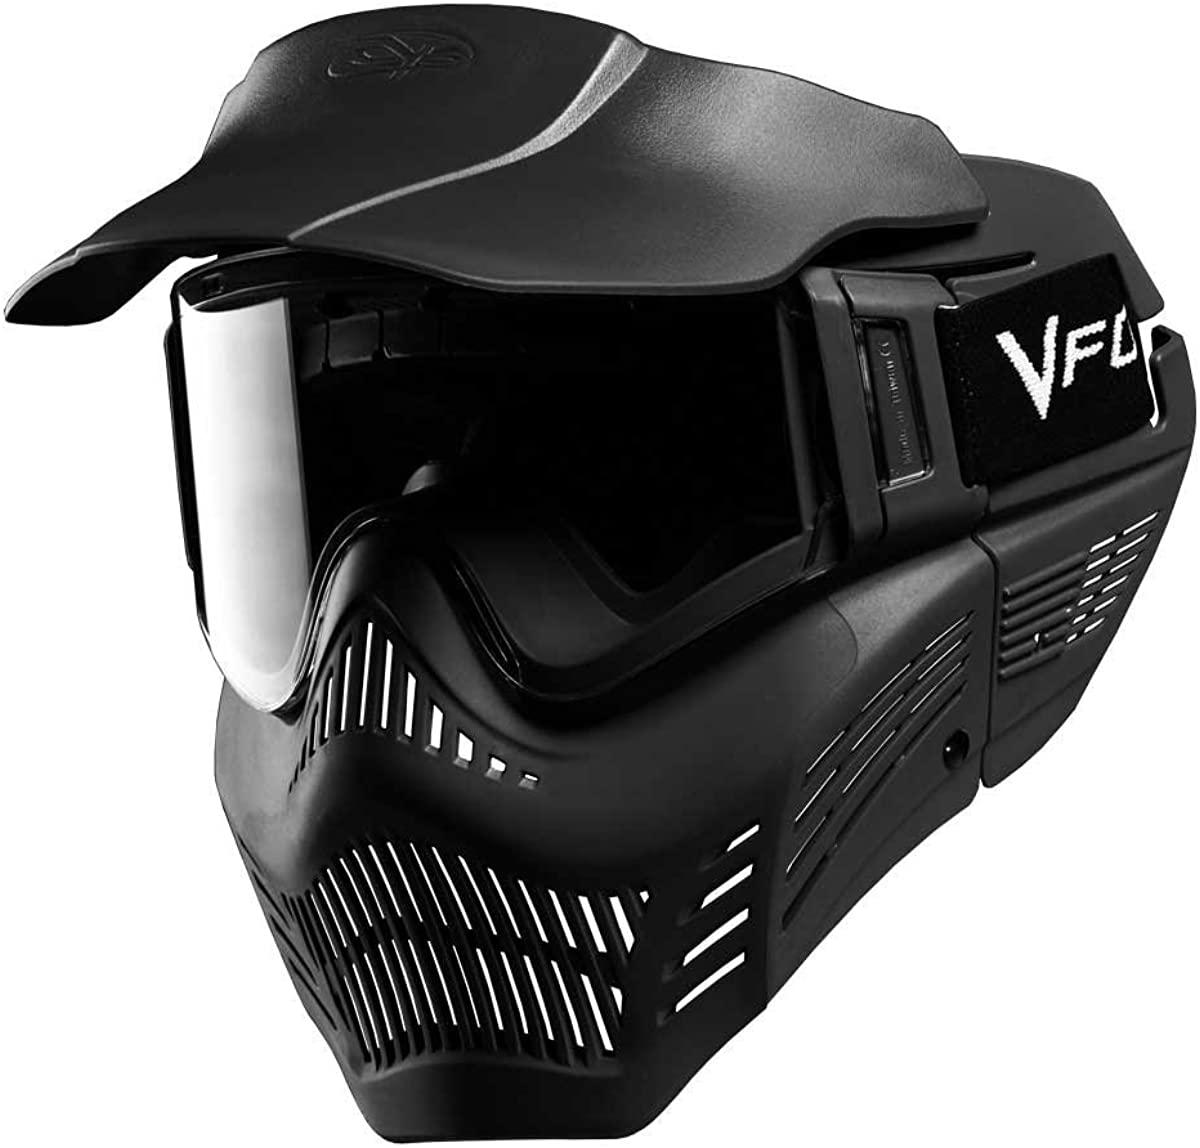 V-Force Armor Fieldvision Gen 3